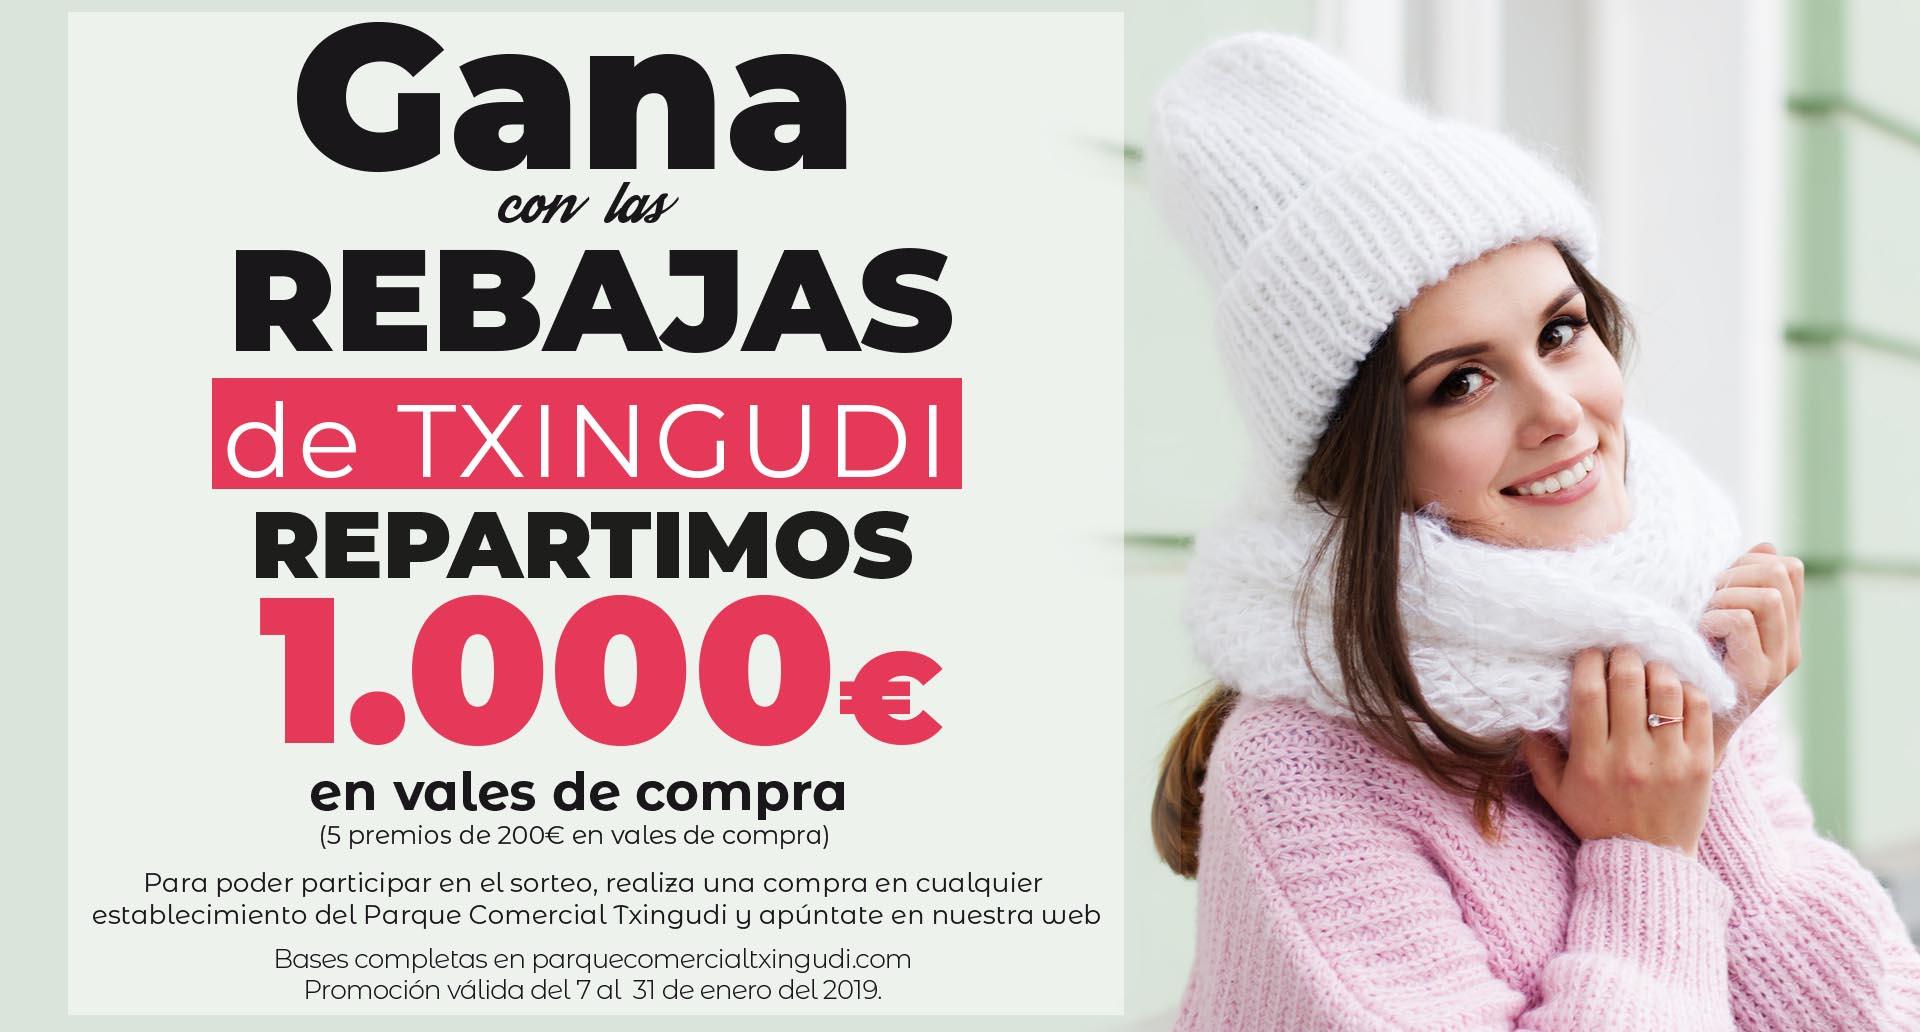 Gana con las rebajas de Txingudi, repartimos 1.000€ en vales de compra